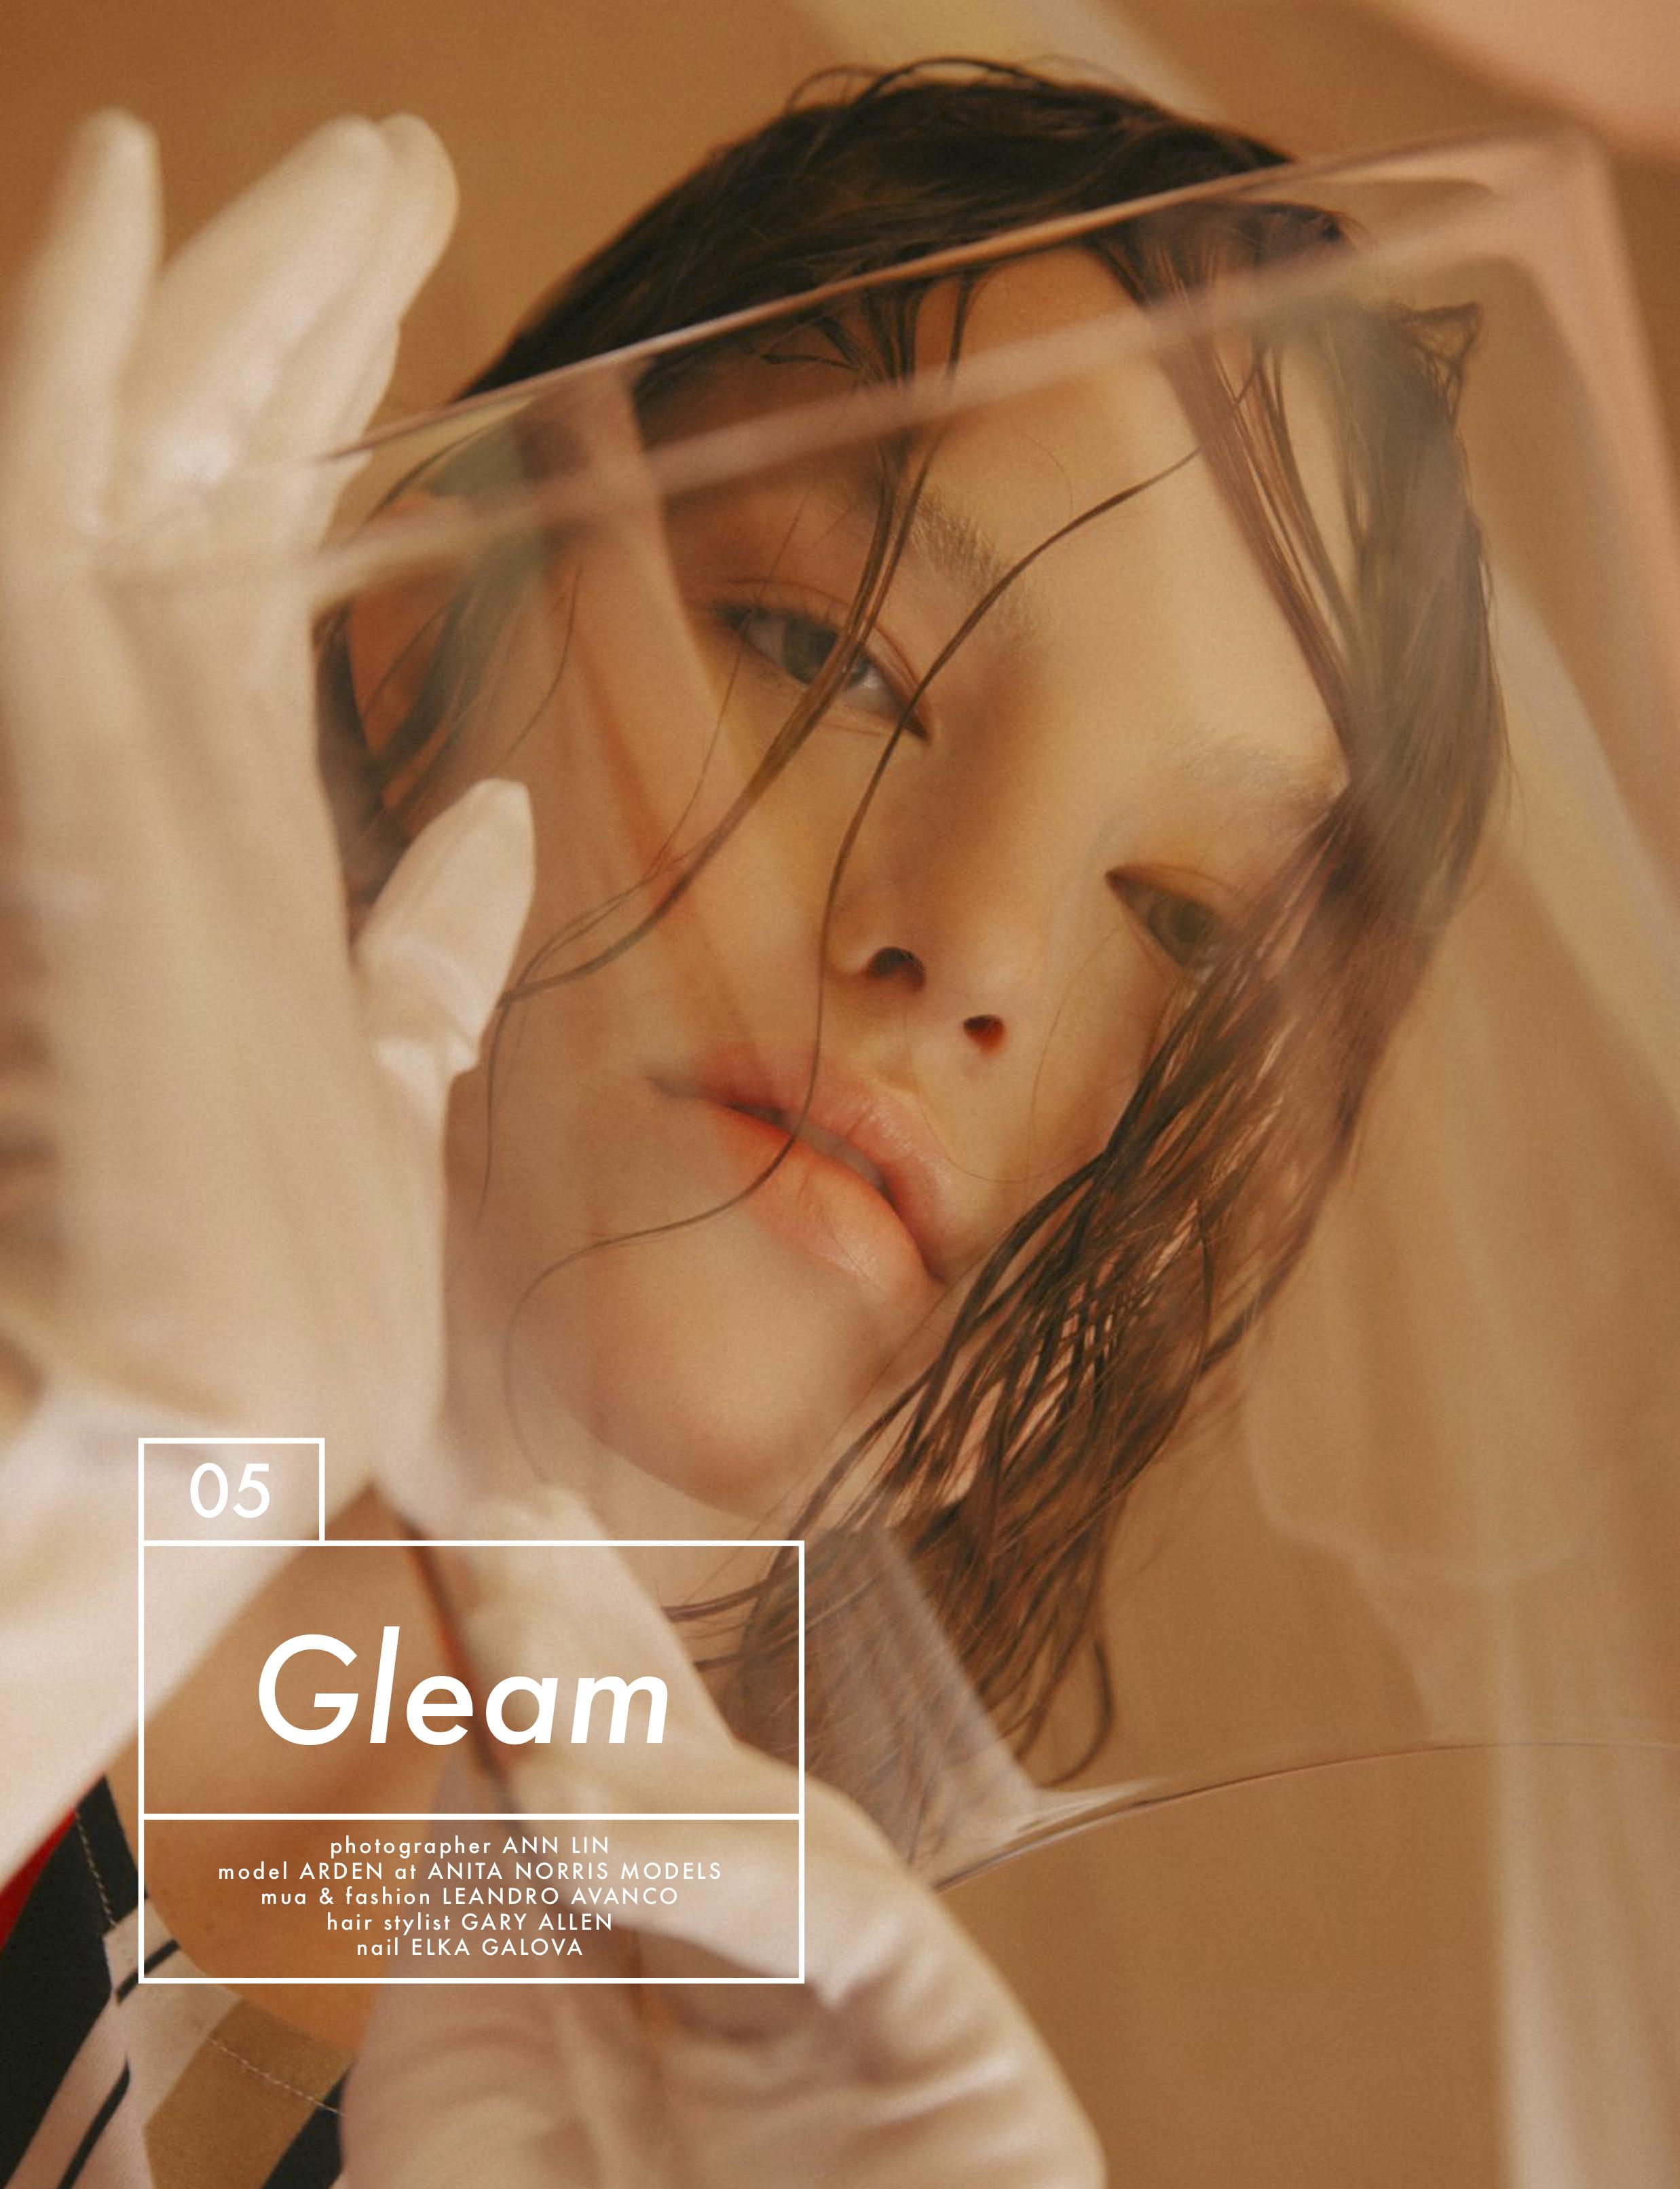 gleam1.jpg